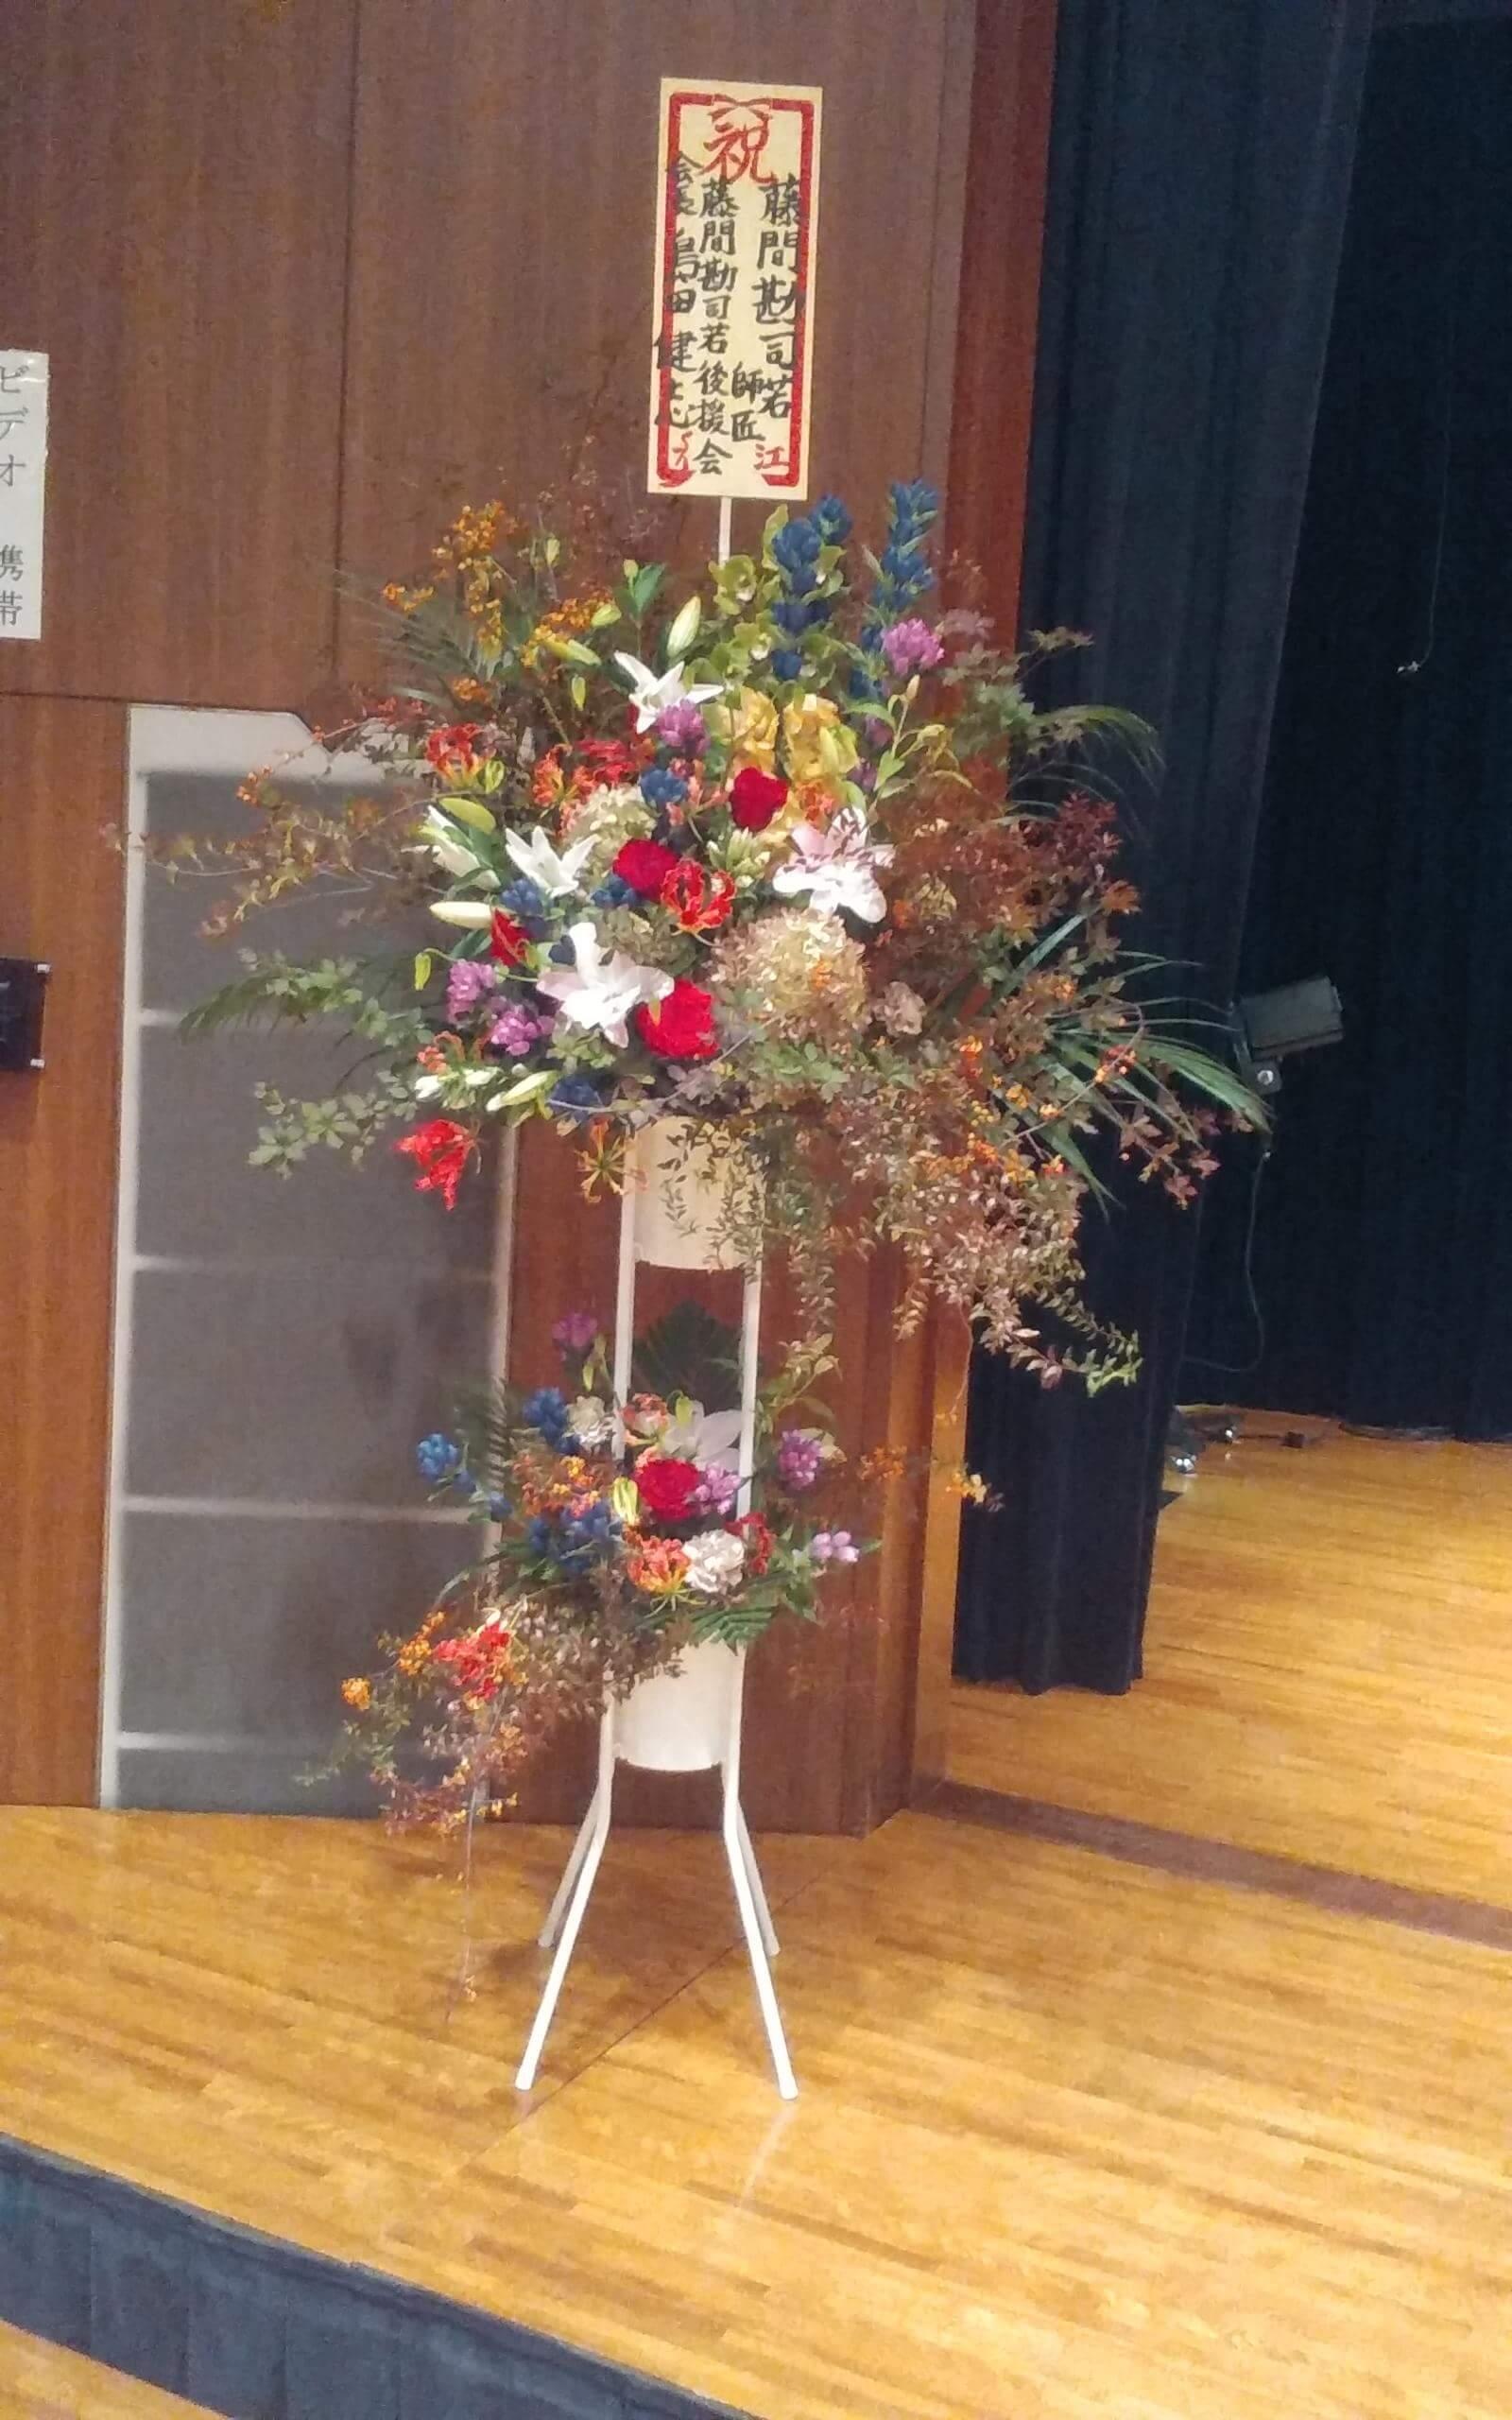 踊りの発表会に飾るスタンド花